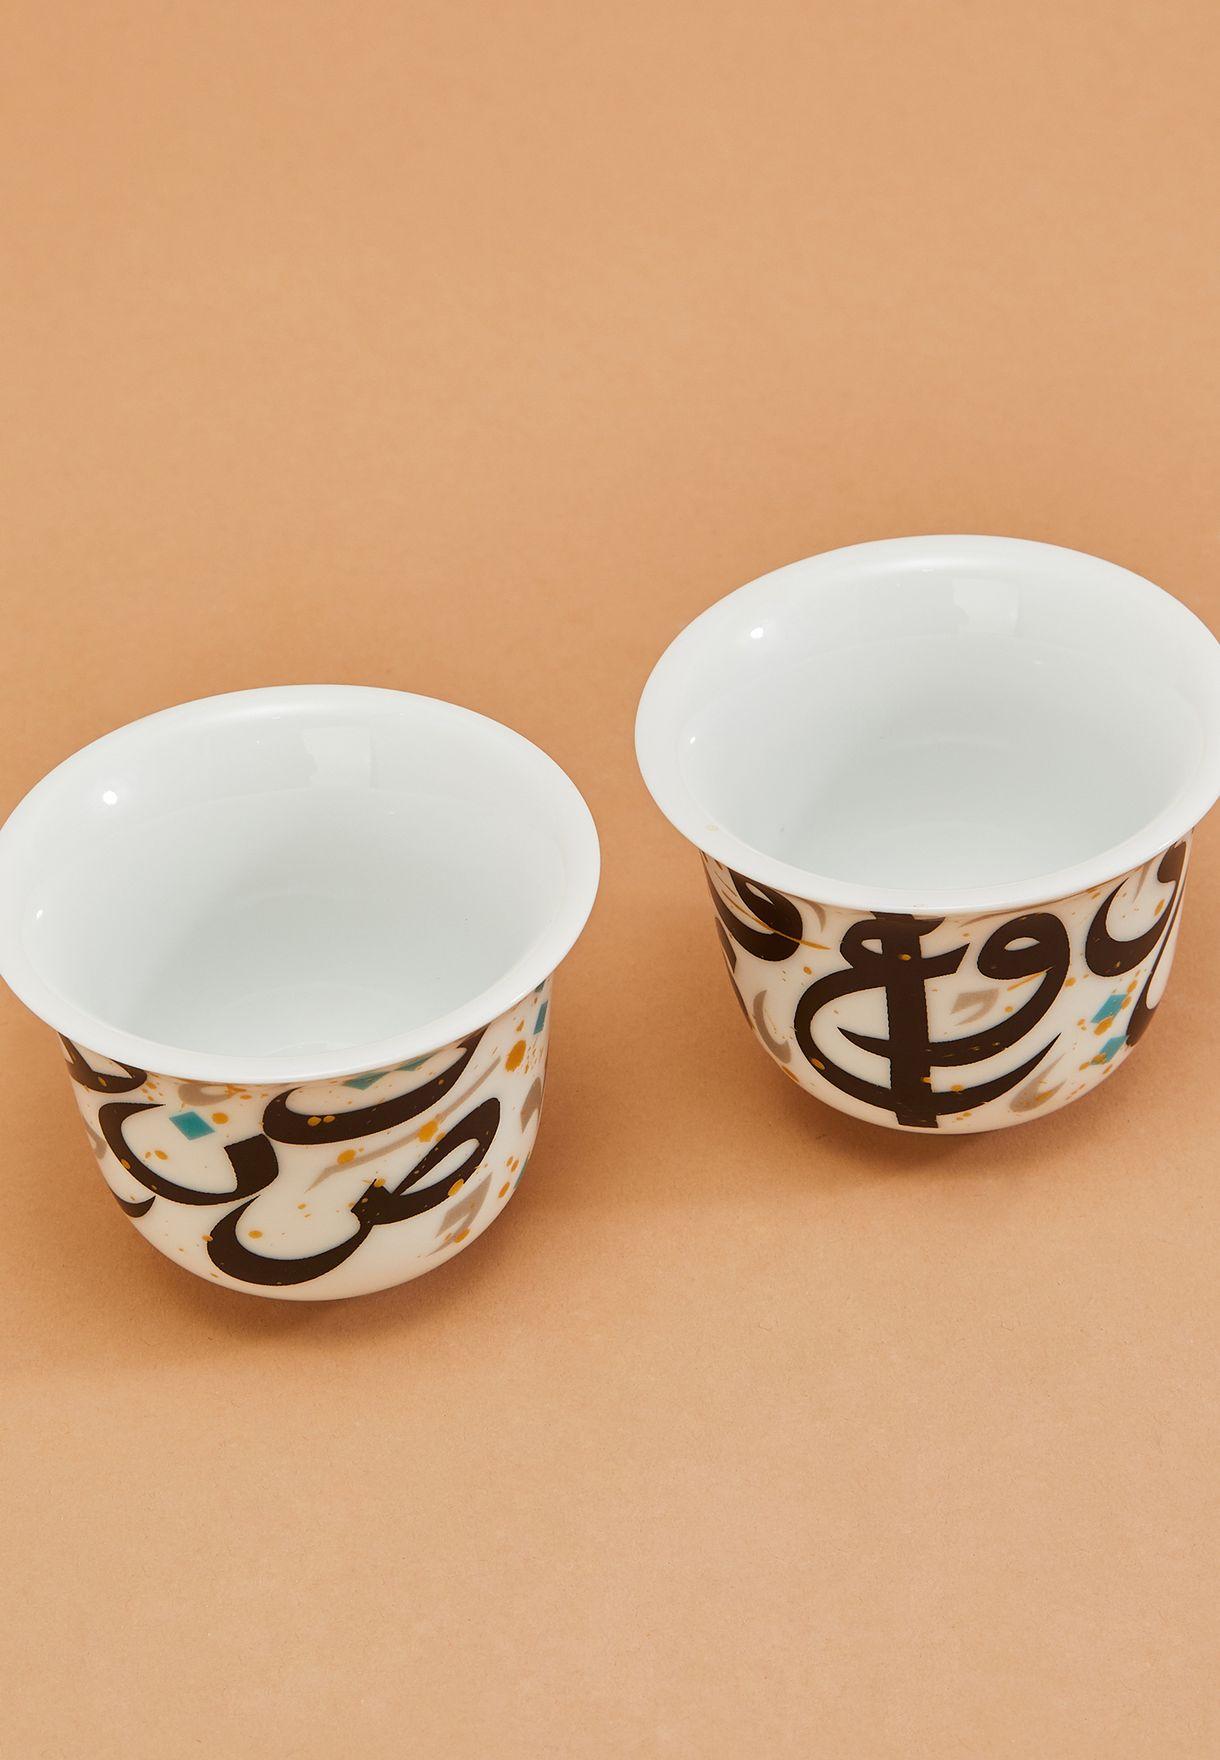 طقم 2 فنجان قهوة عربي طراطيش